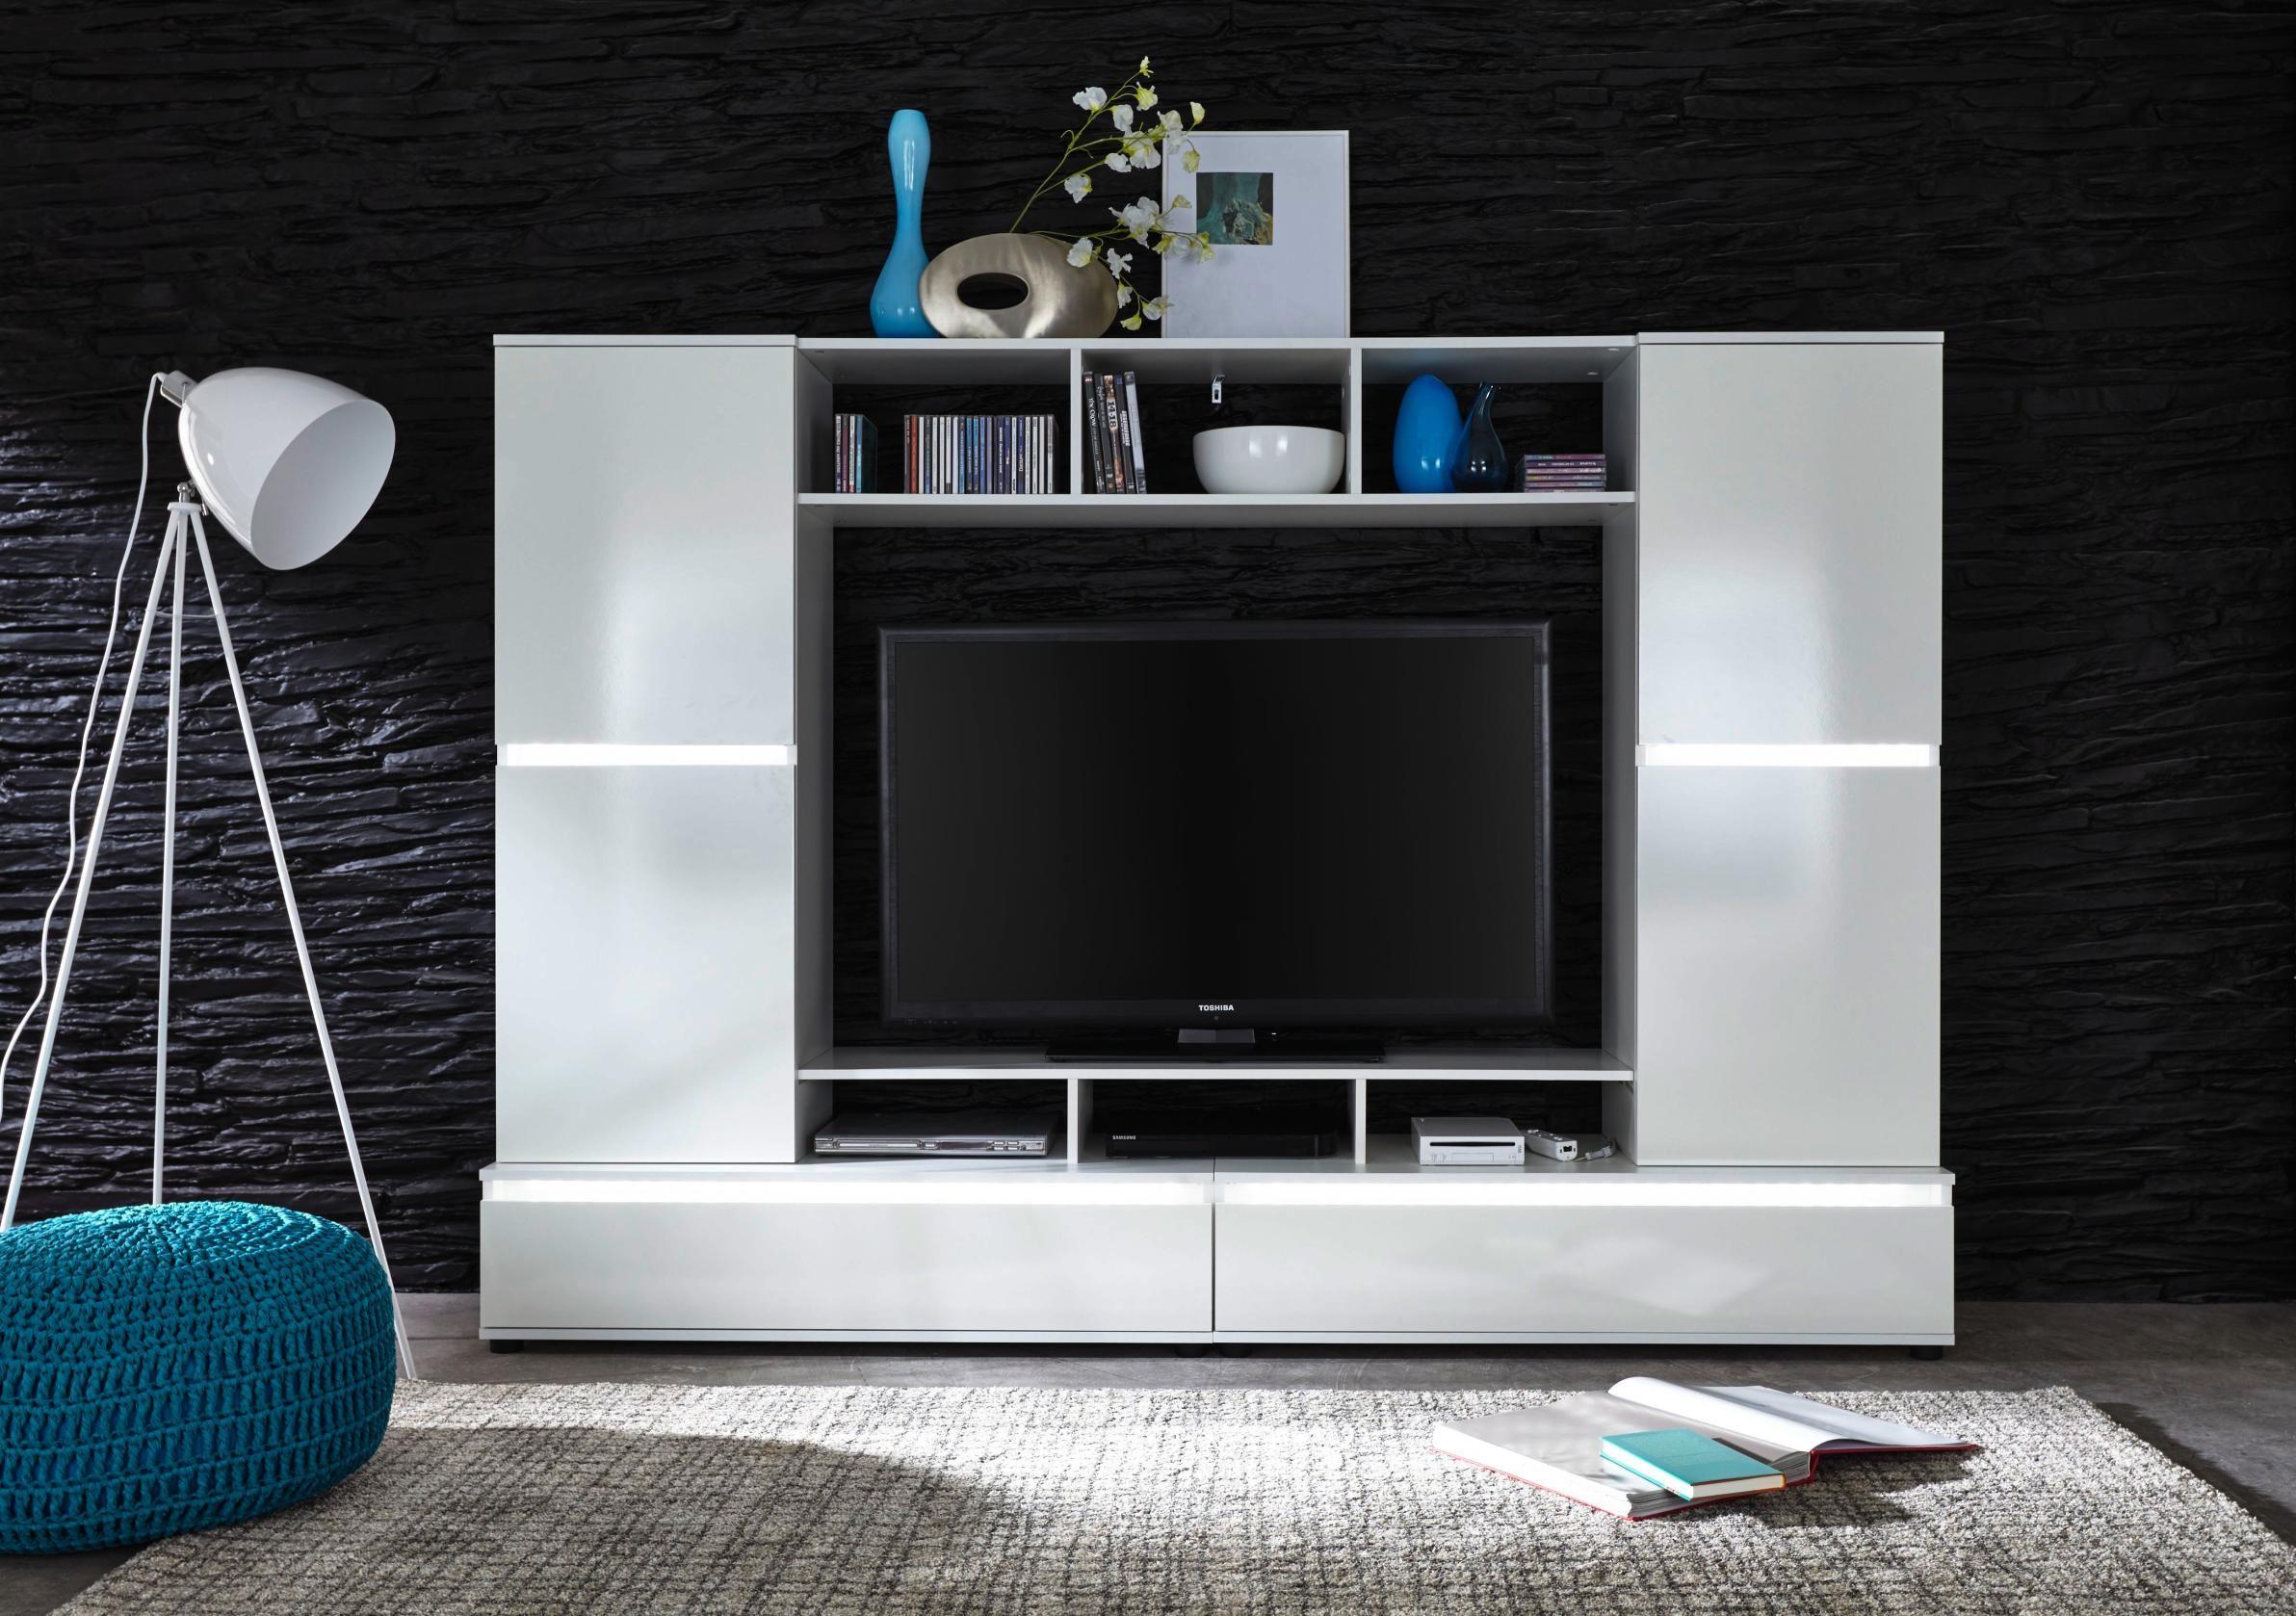 Charmant Geräumige Wohnwand In Weiß: Modernes Design, Das Begeistert